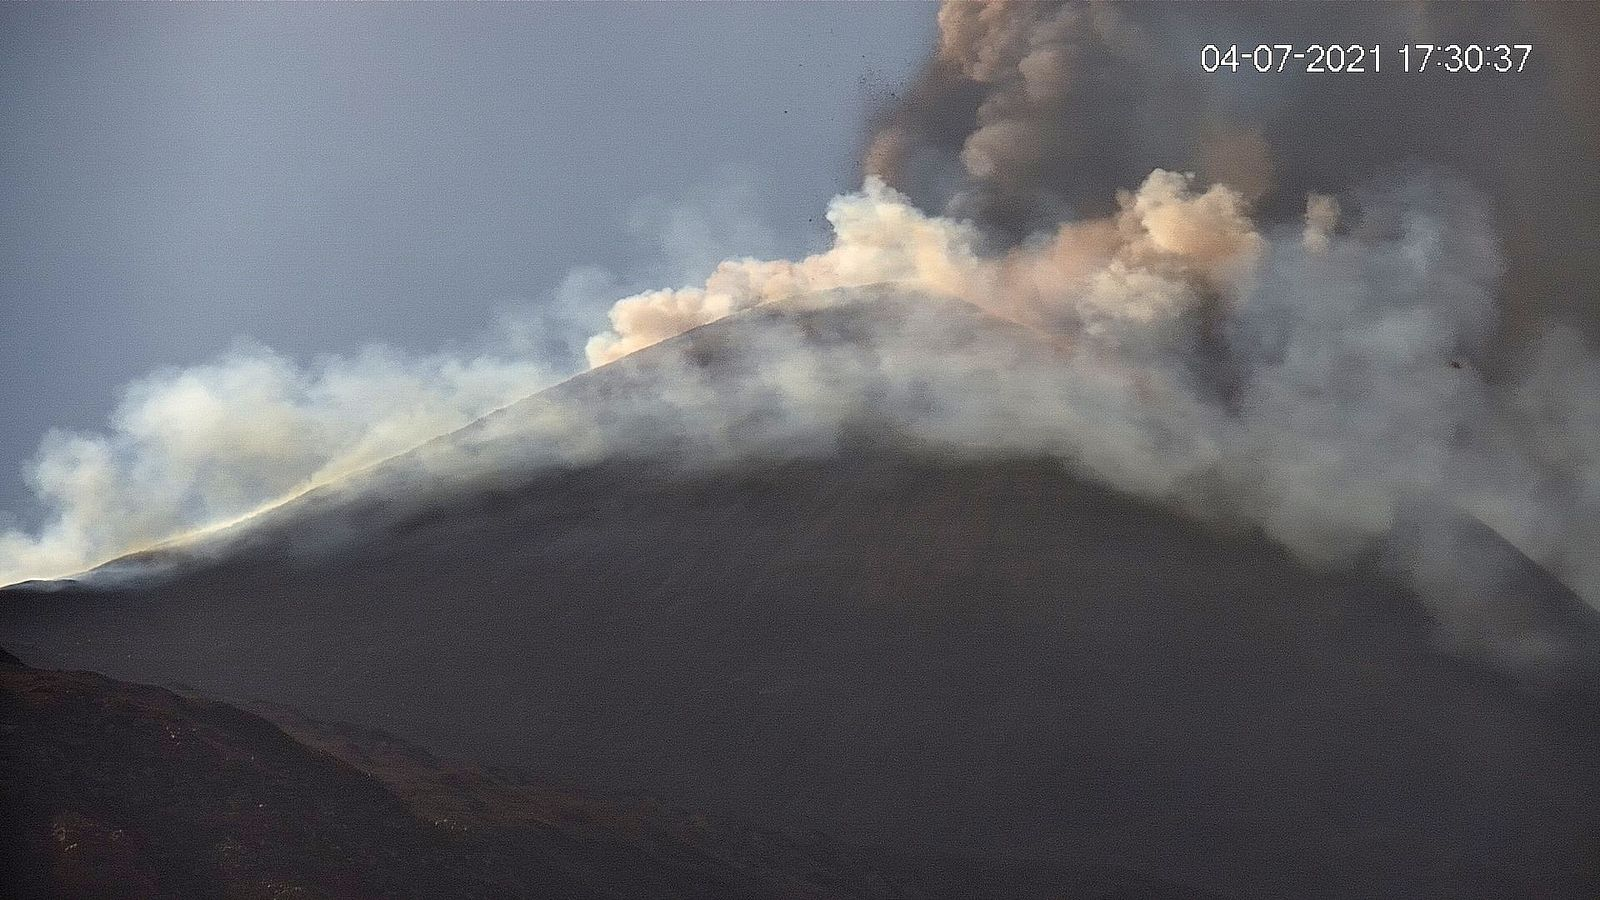 Etna SEC - LAVE webcam 04.07.2021 / 5.30pm